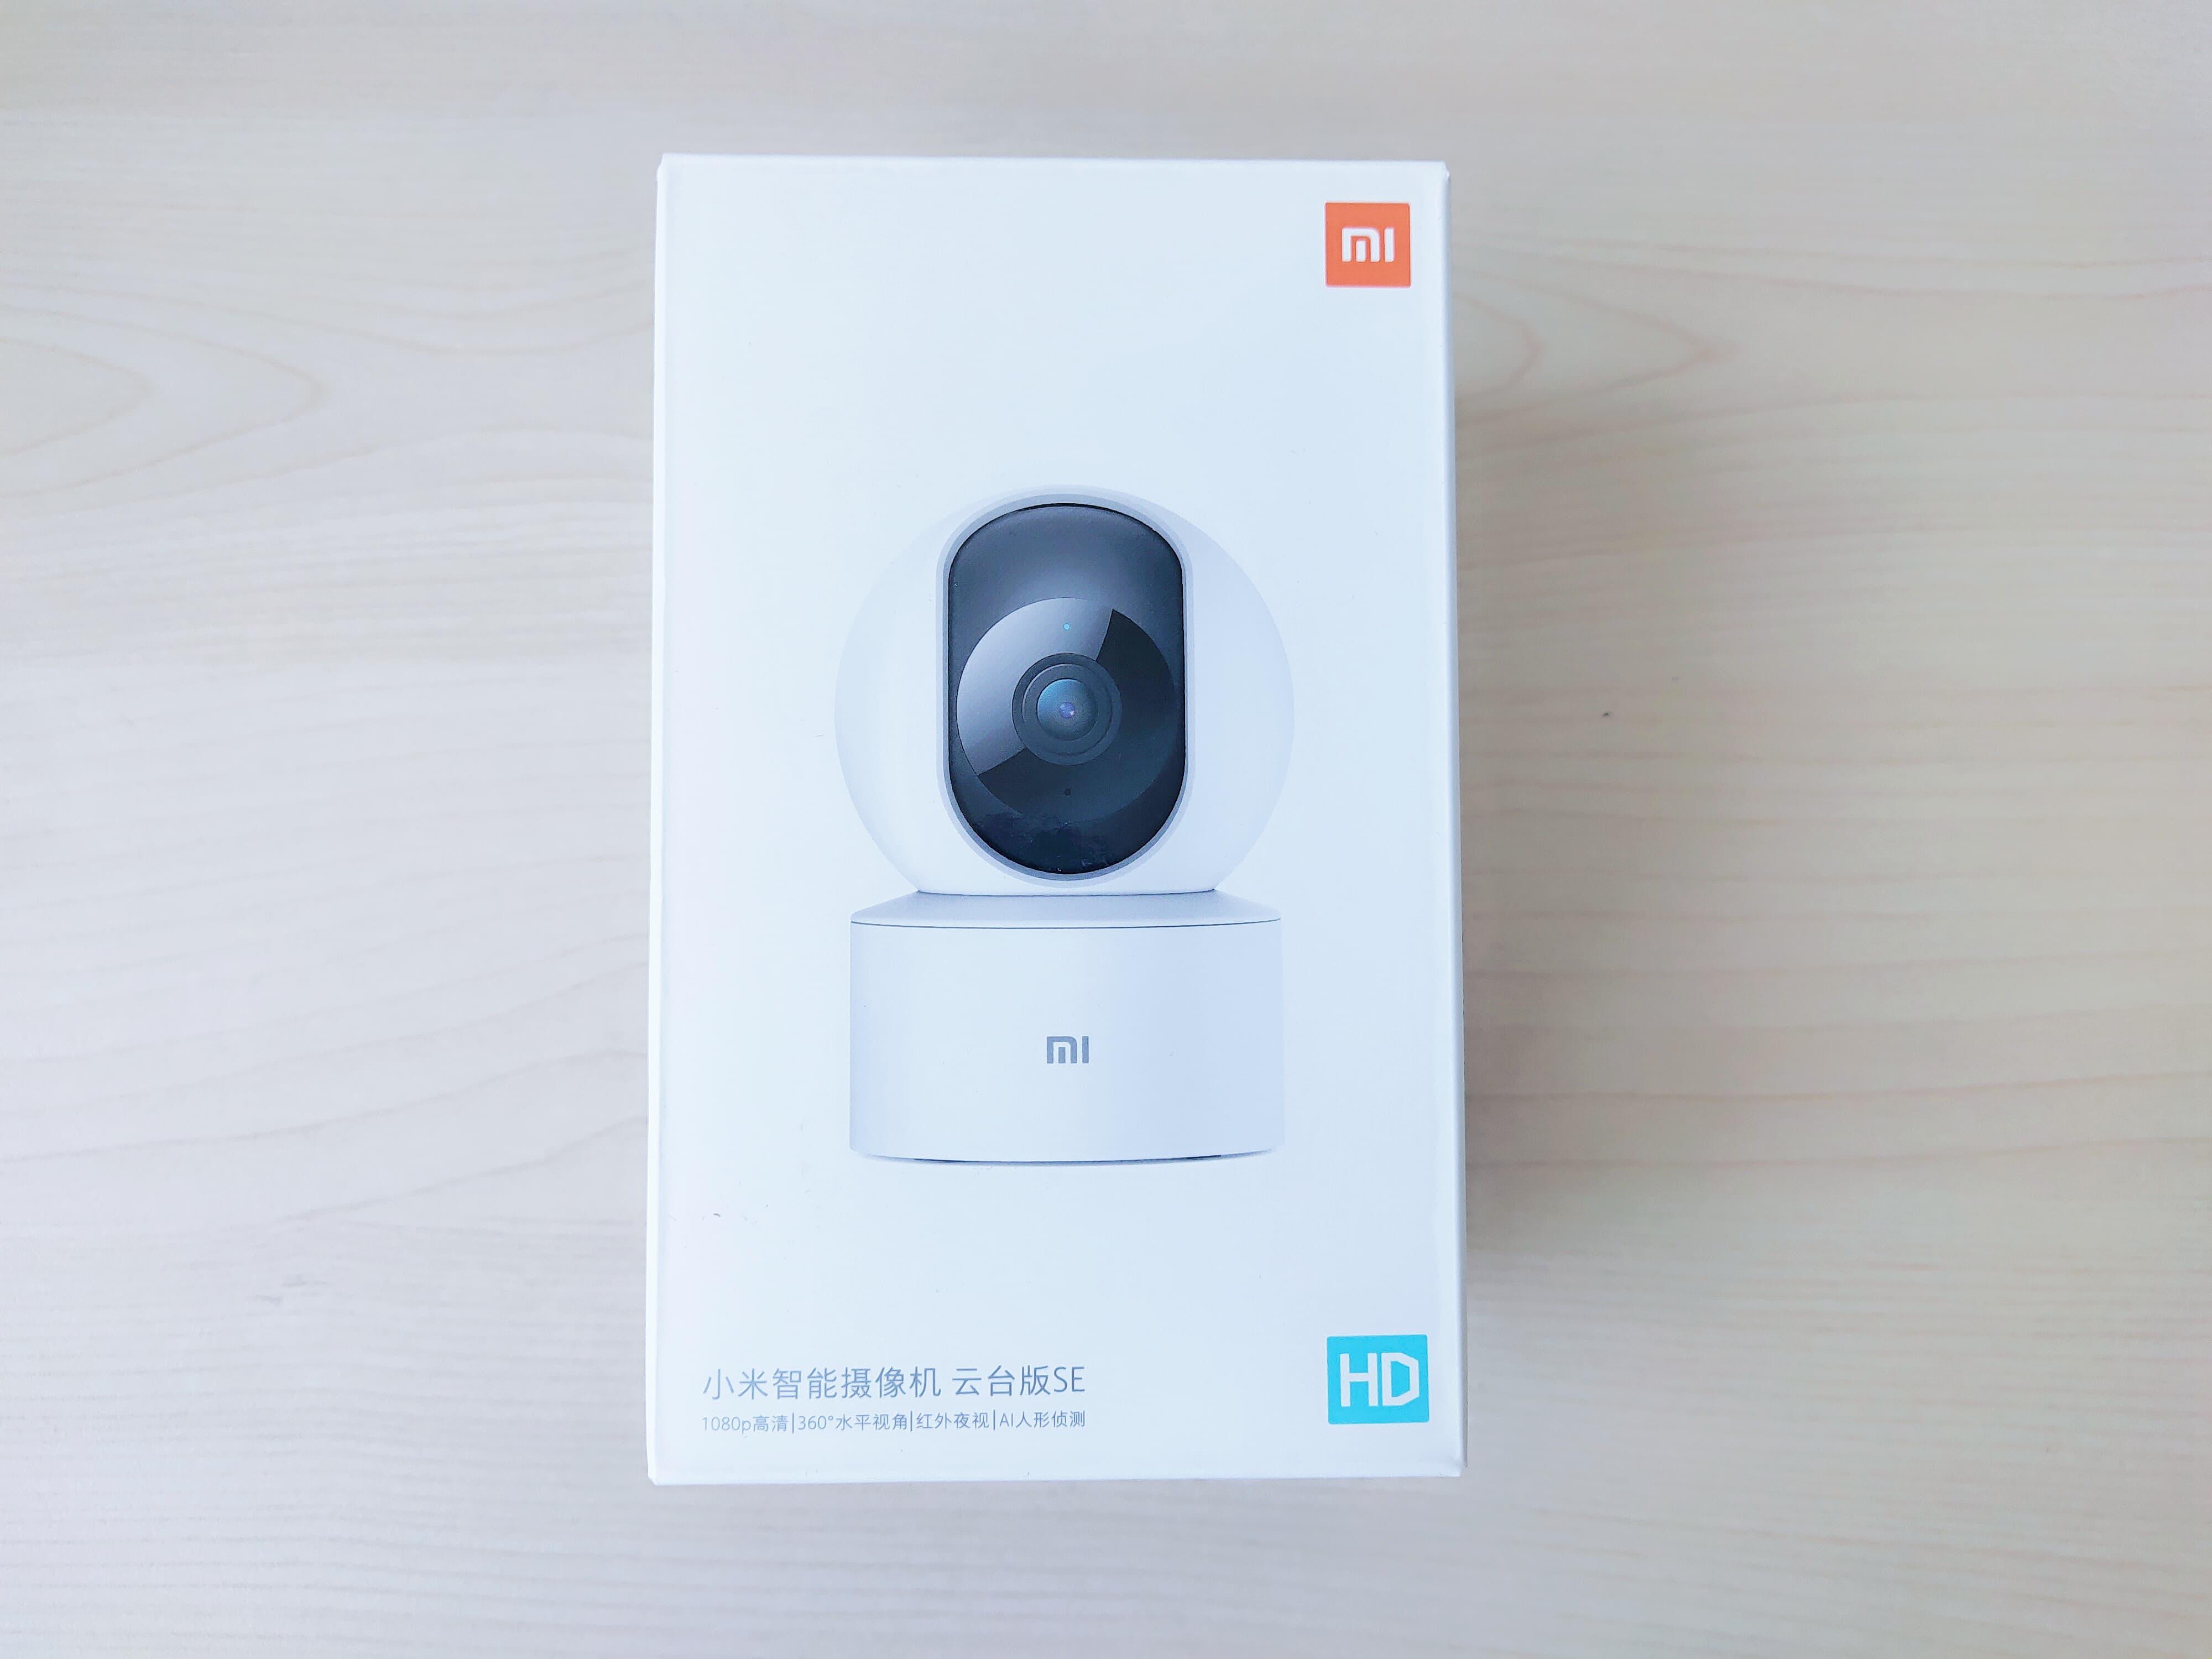 小米智能摄像机云台版SE开箱:360°全方位守护家庭